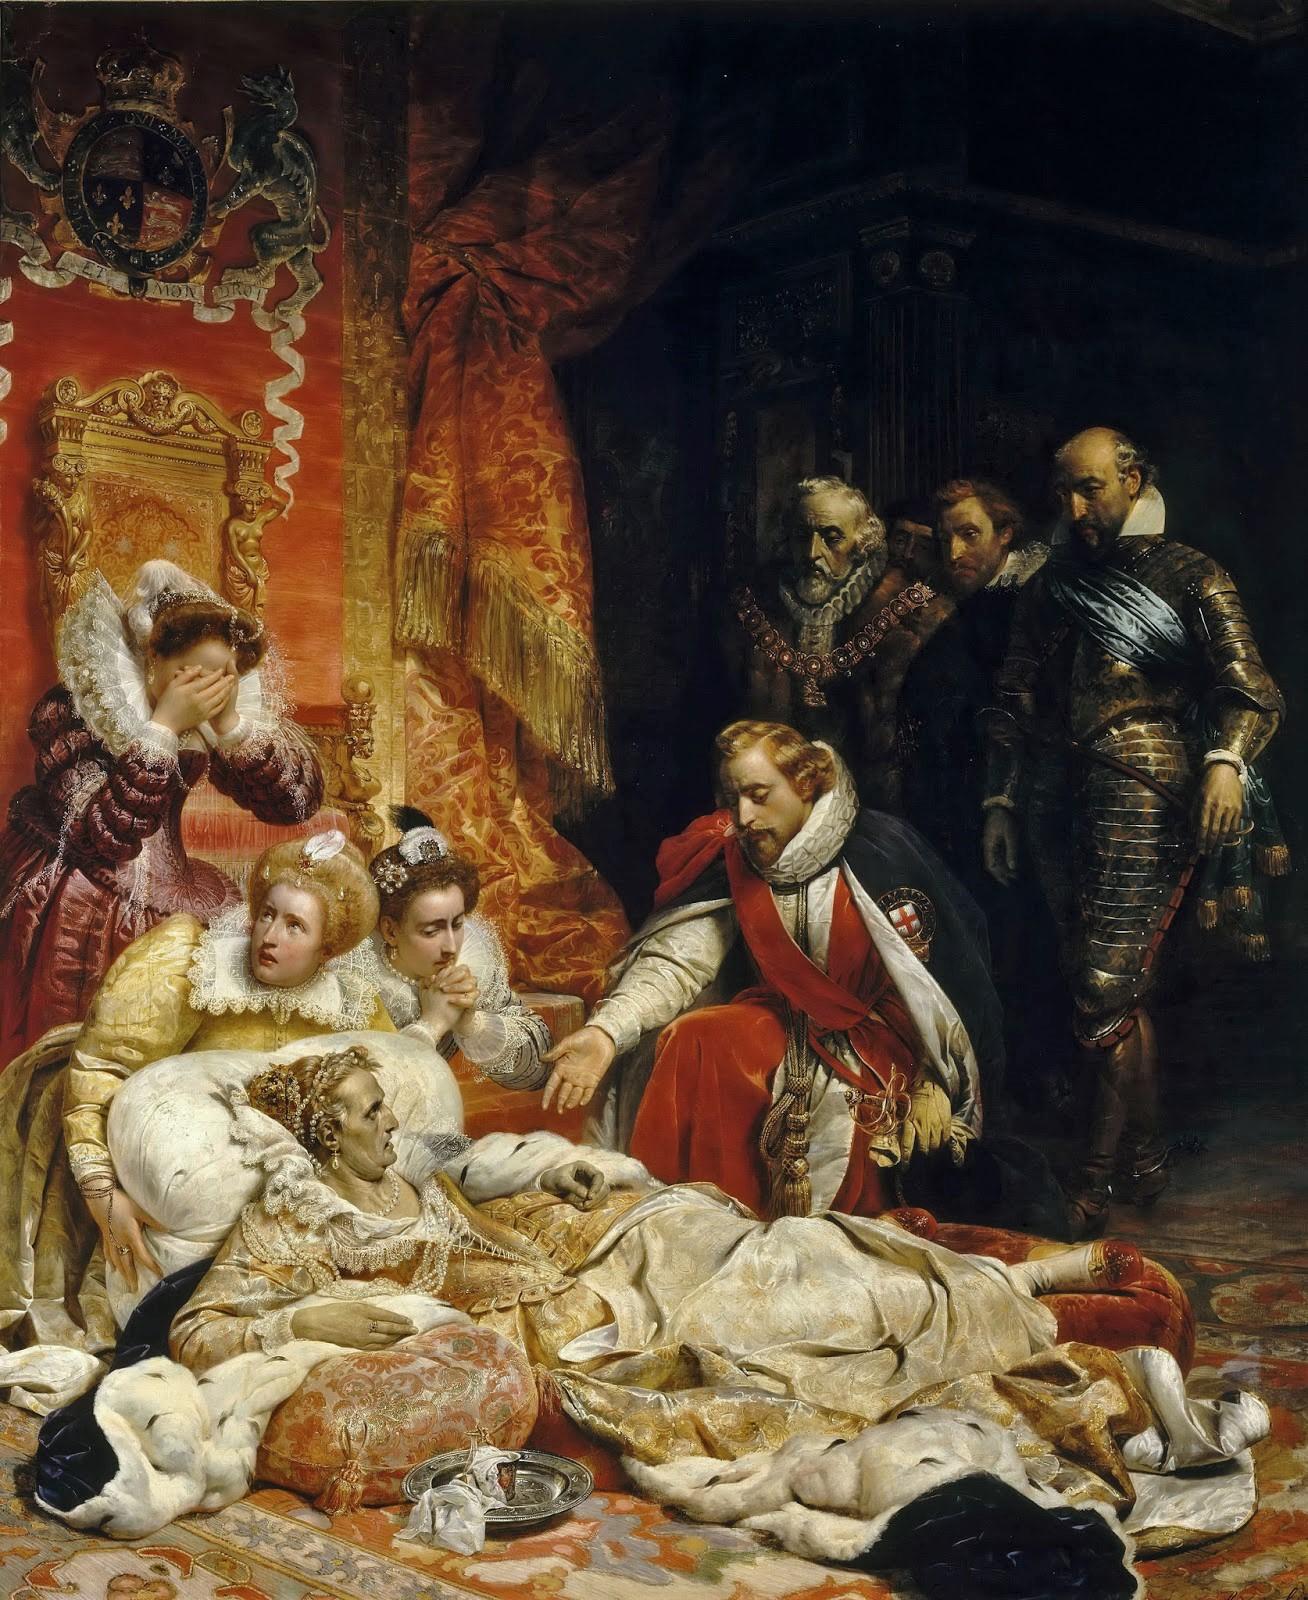 The death of Queen Elizabeth 1st : Paul Delaroche (1828)